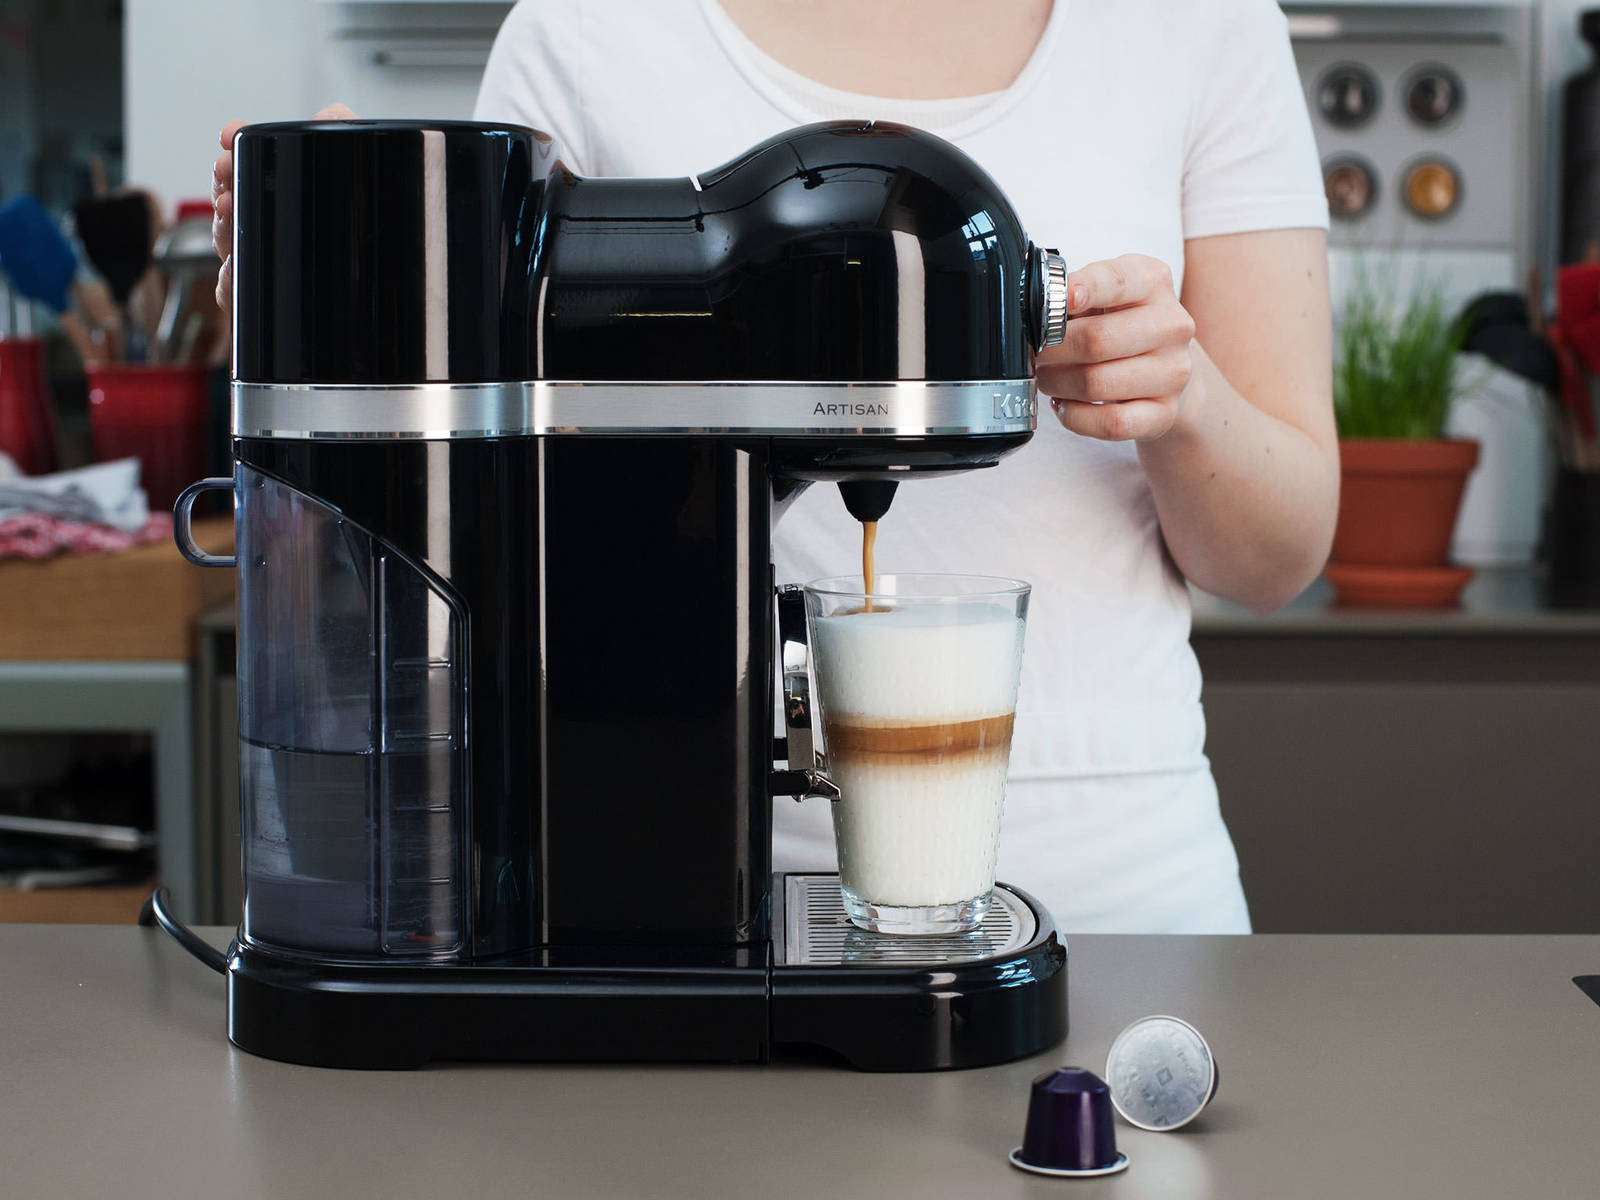 Für einen intensiven Espresso eine Nespresso Arpeggio Kapsel wählen. Einen Espresso-Shot ins Glas geben.